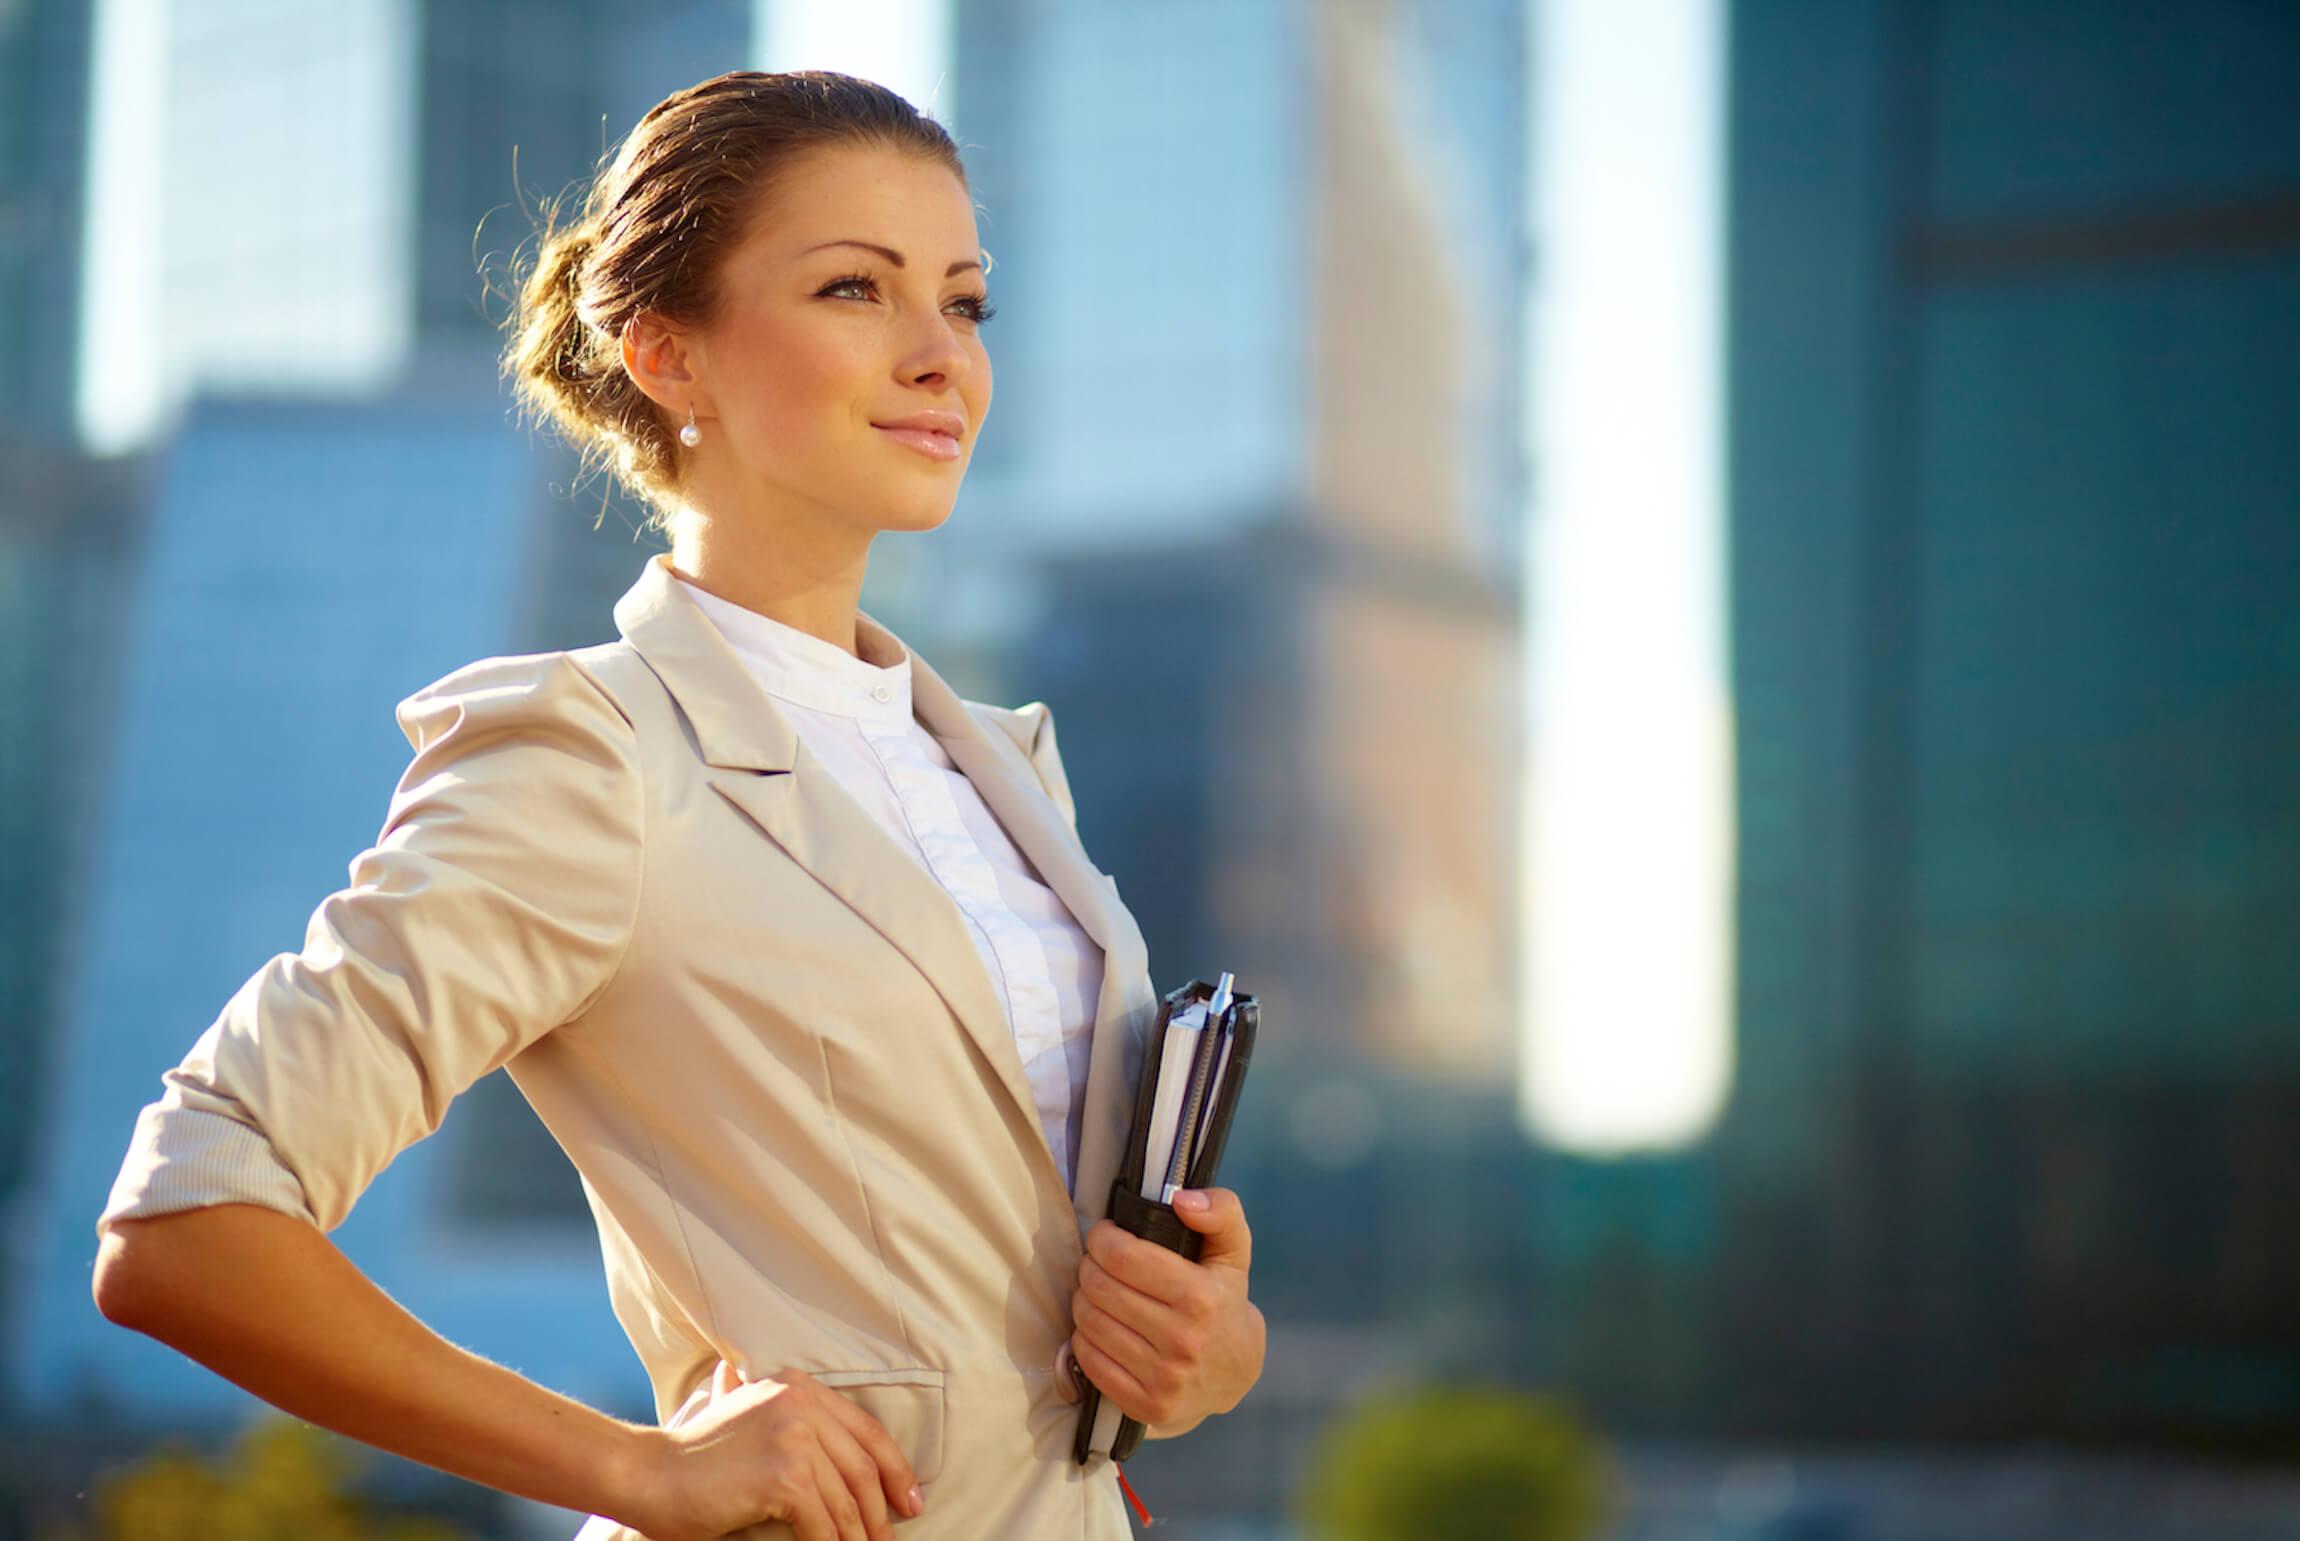 Красивые картинки о бизнесе